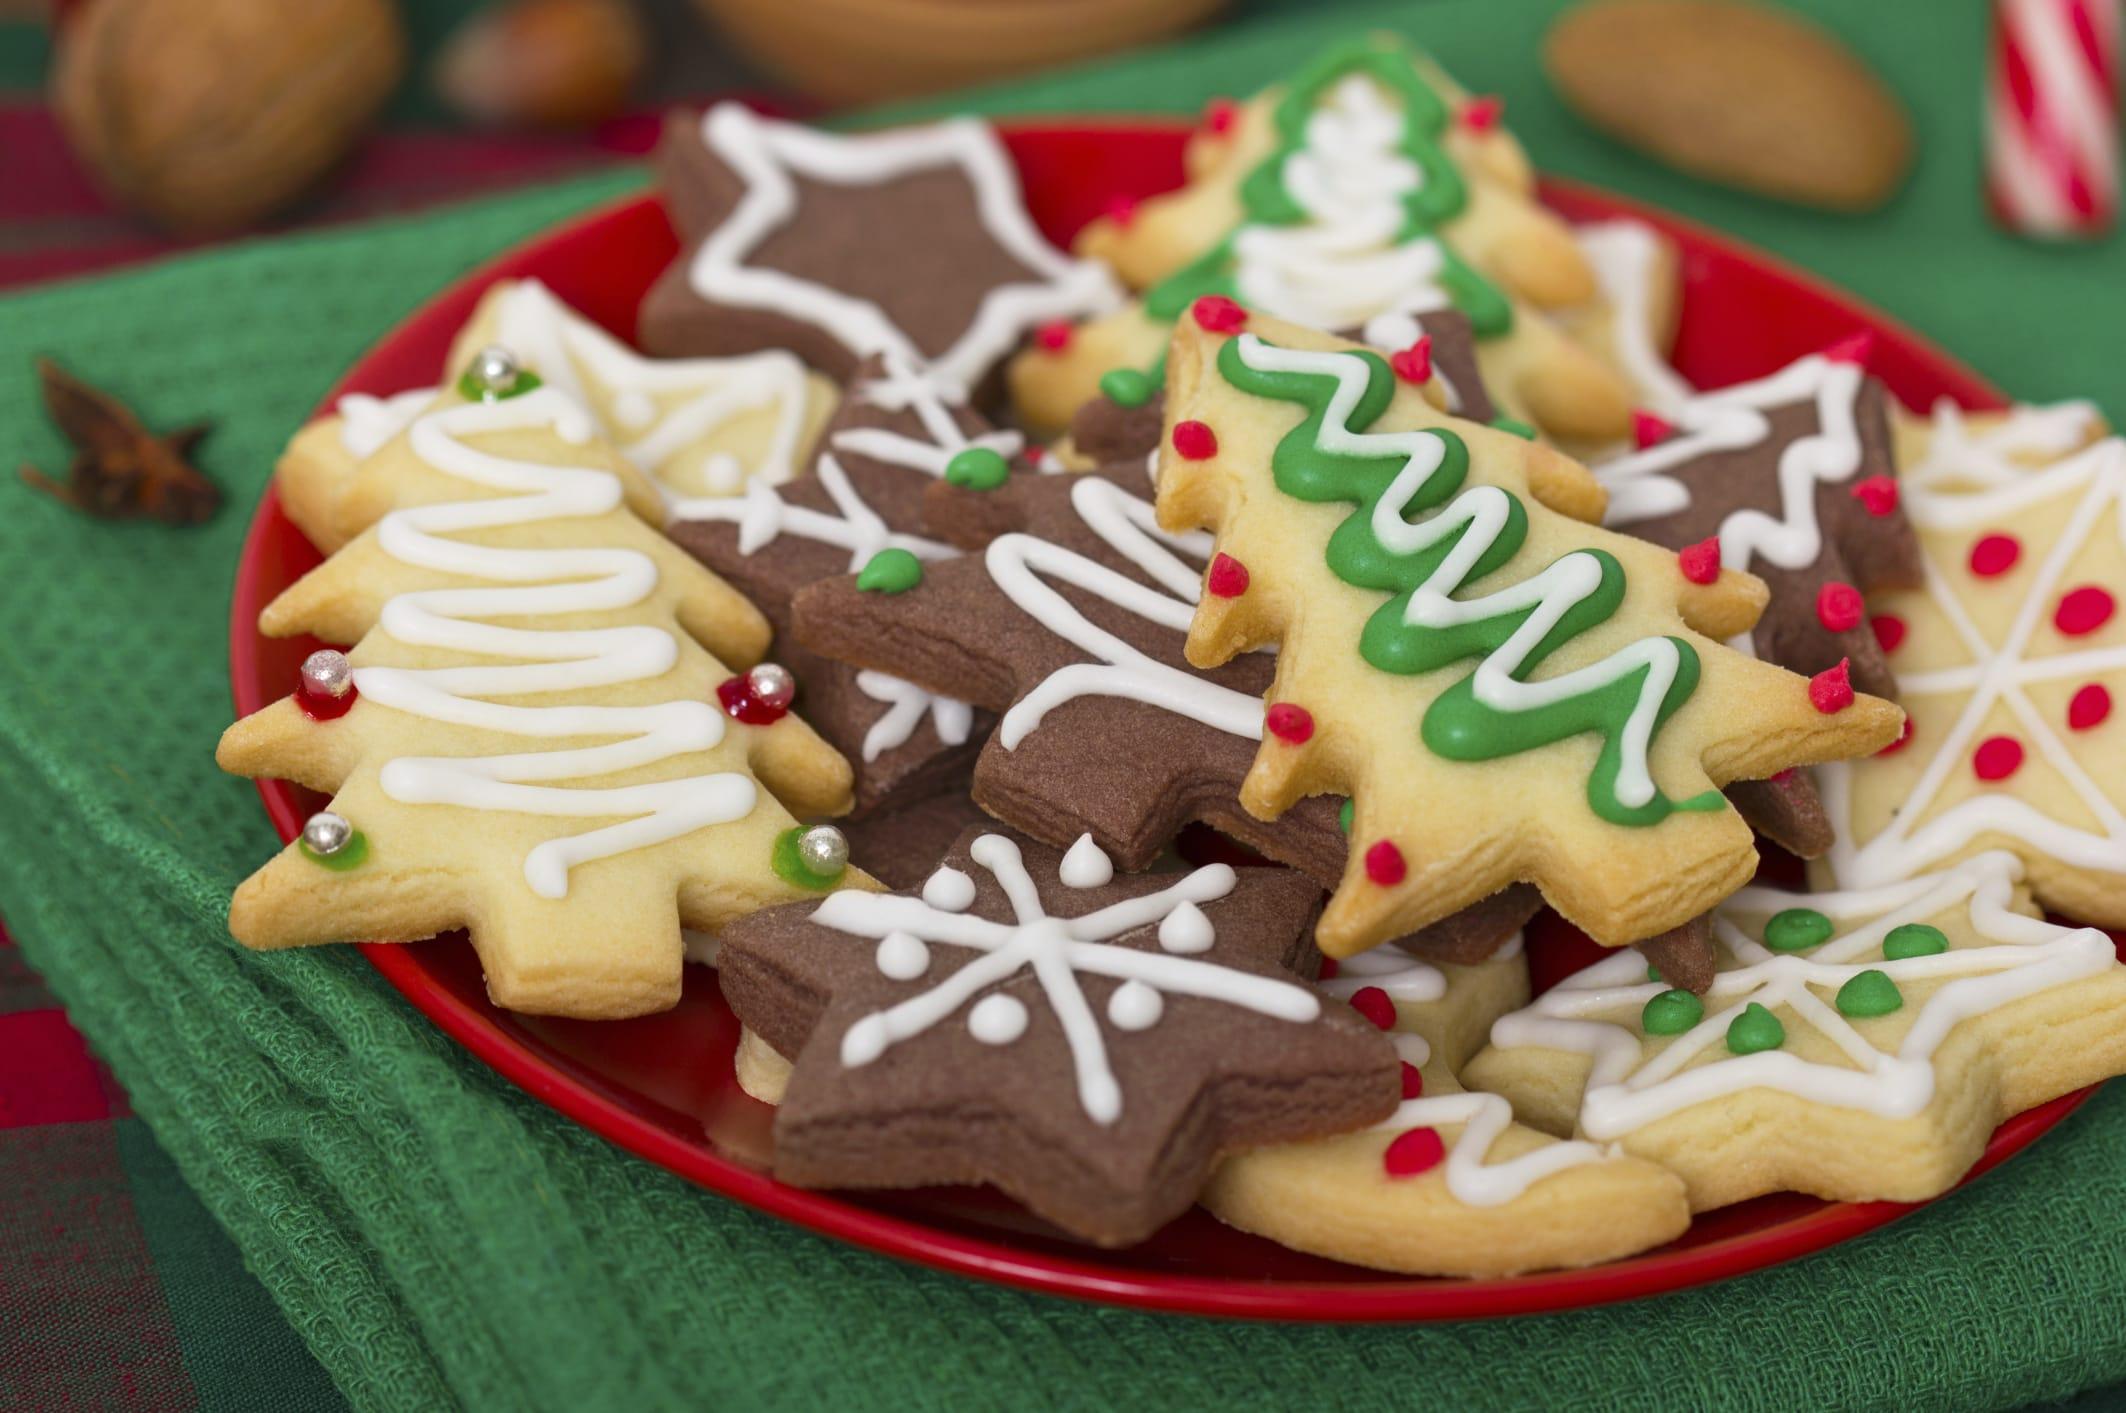 ricetta biscotti natalizi con glassa: un'idea gustosa per i regali ... - Decorazioni Con Biscotti